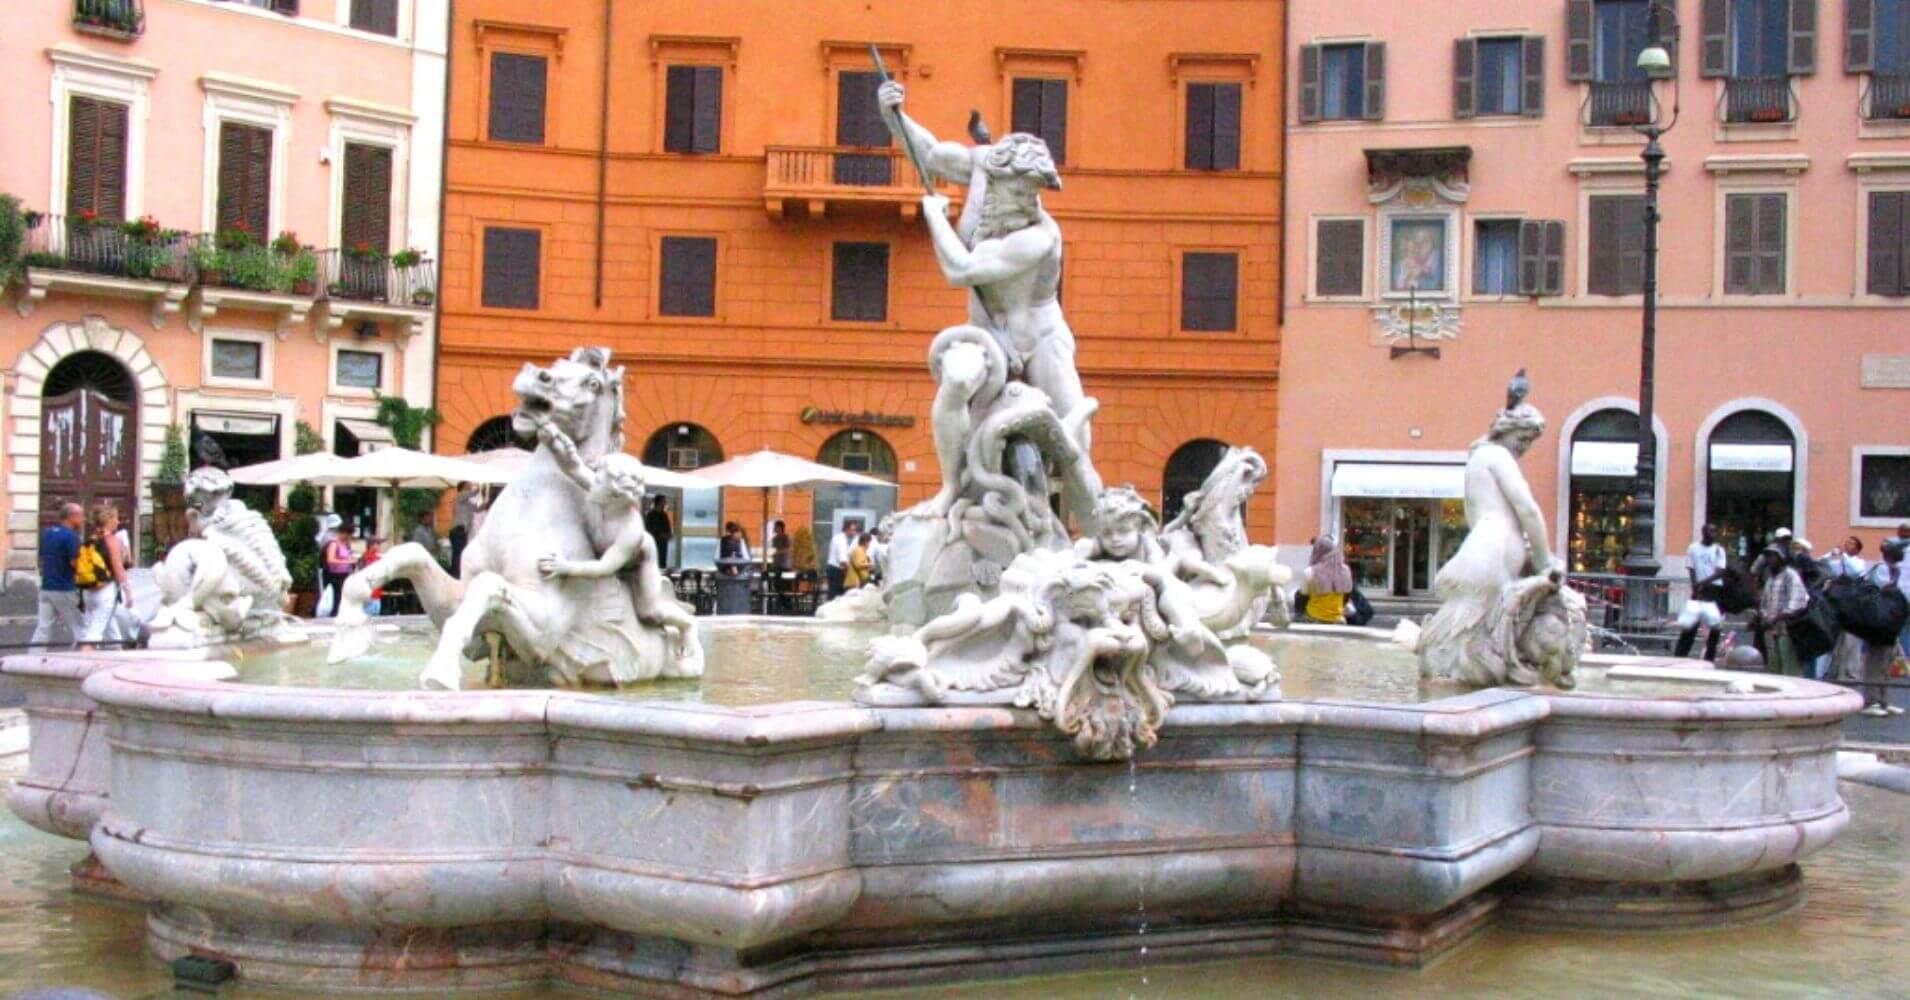 Roma Capital del imperio. Plaza Navona, Roma. Lacio. Italia.